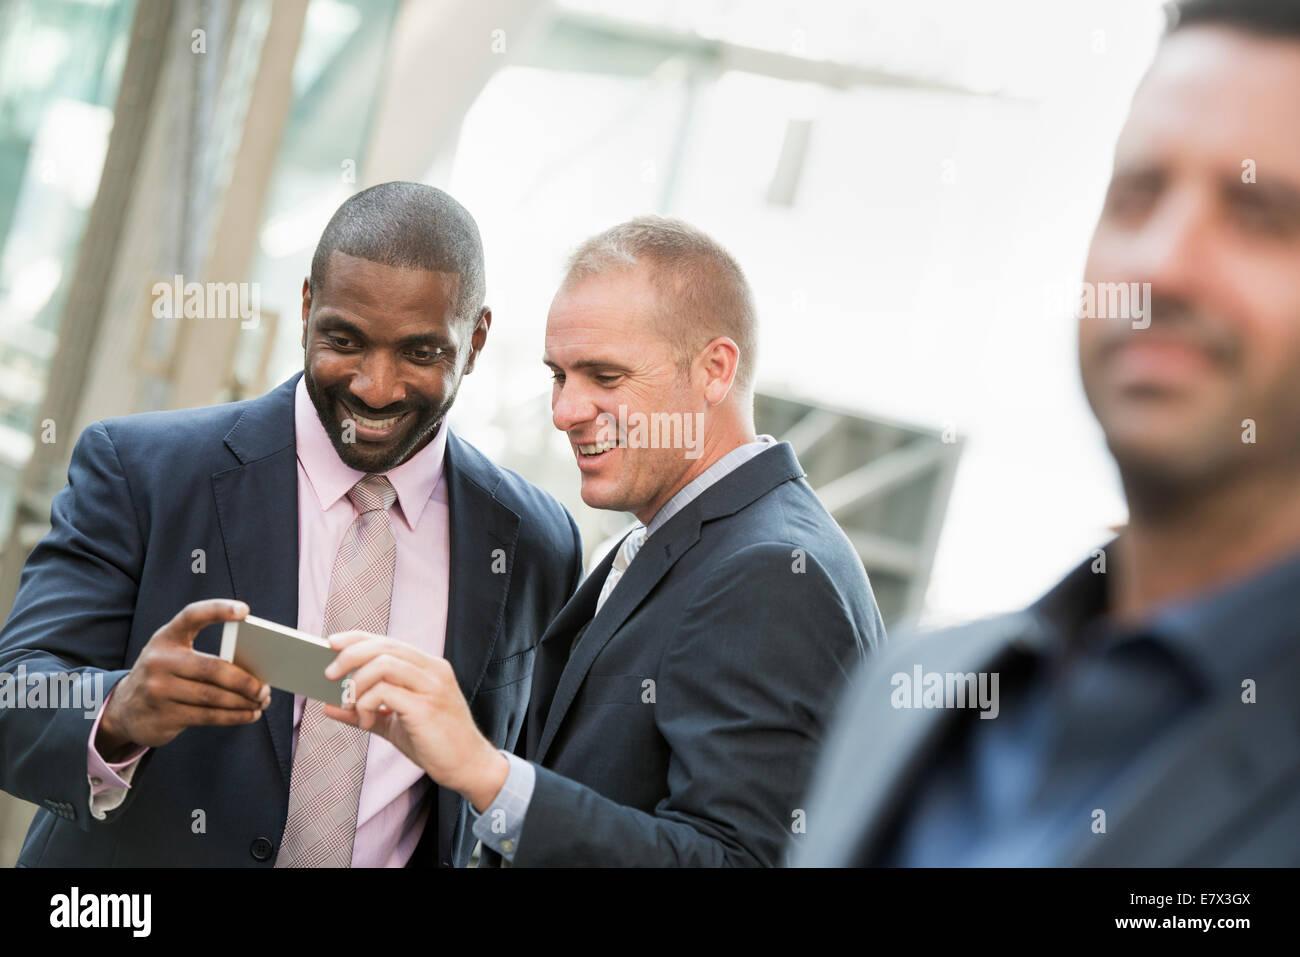 Deux hommes d'contrôler un téléphone et rire, un homme à l'avant. Photo Stock